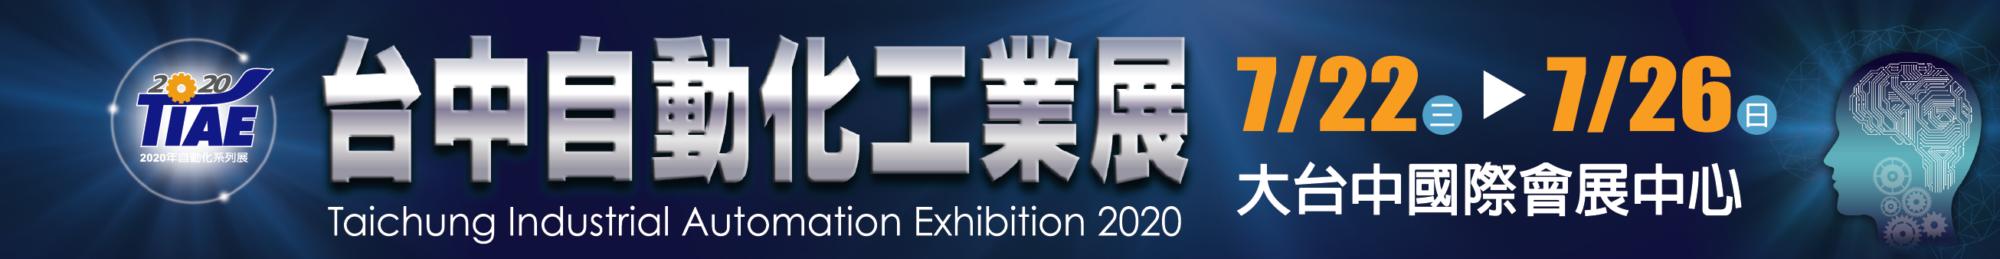 2020台中自動化工業展Banner